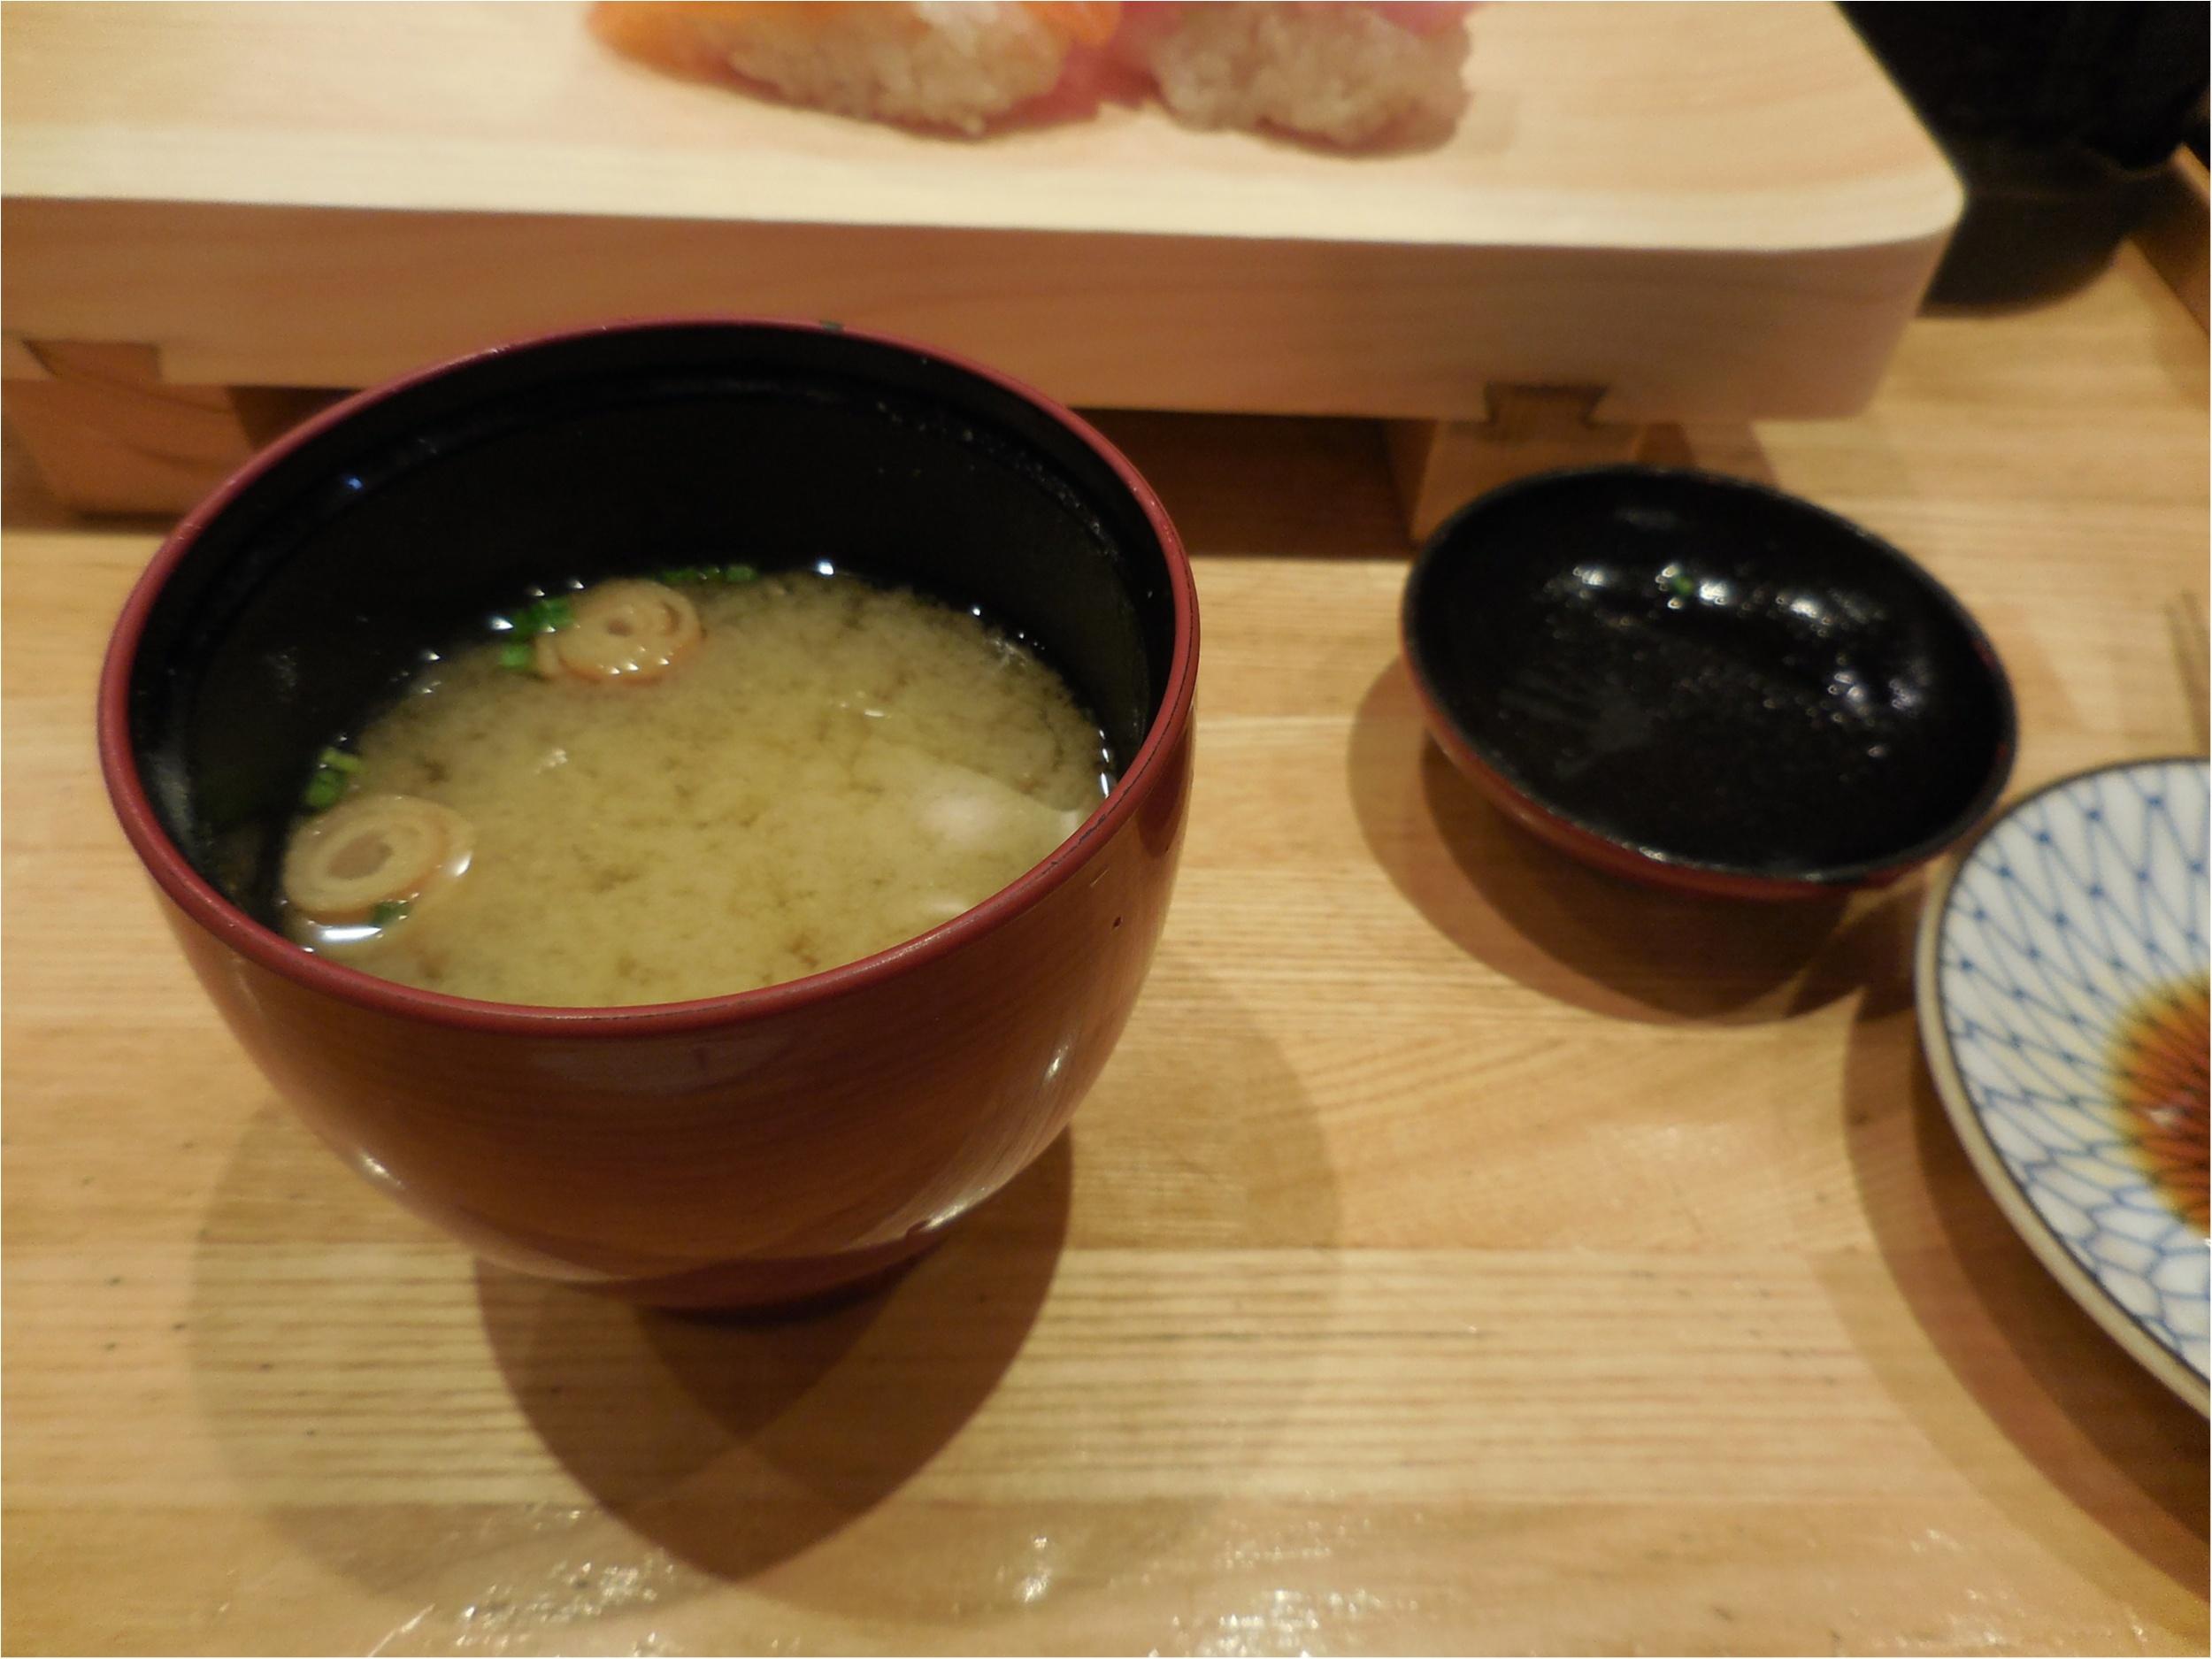 【築地玉寿司】高級寿司の食べ放題へ2回目行ってきました_3